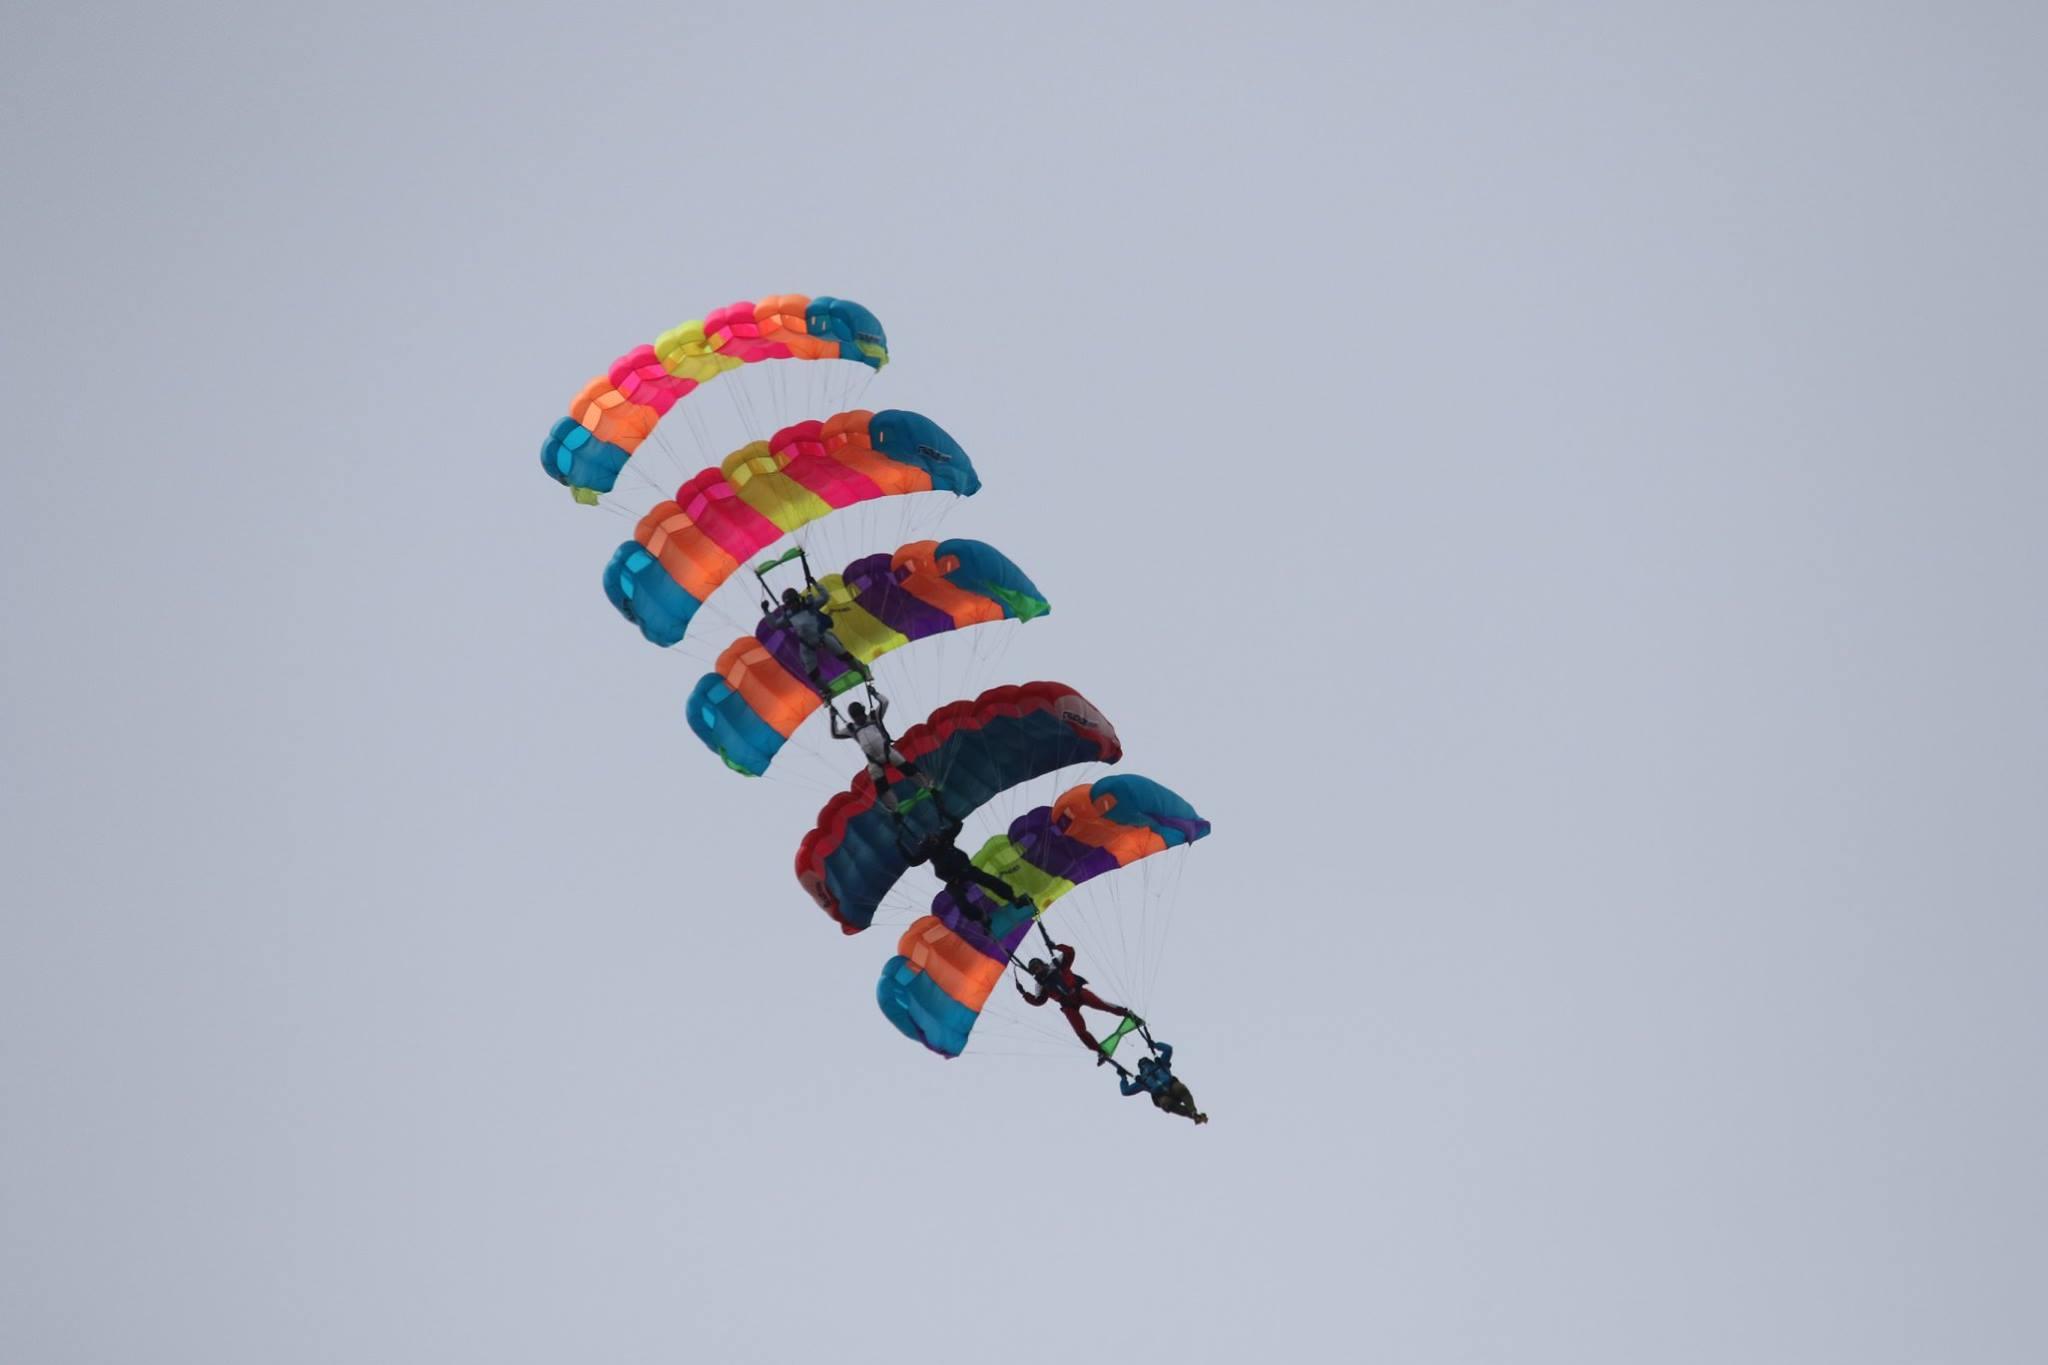 Skydive Stavanger (Fallskjermklubb)